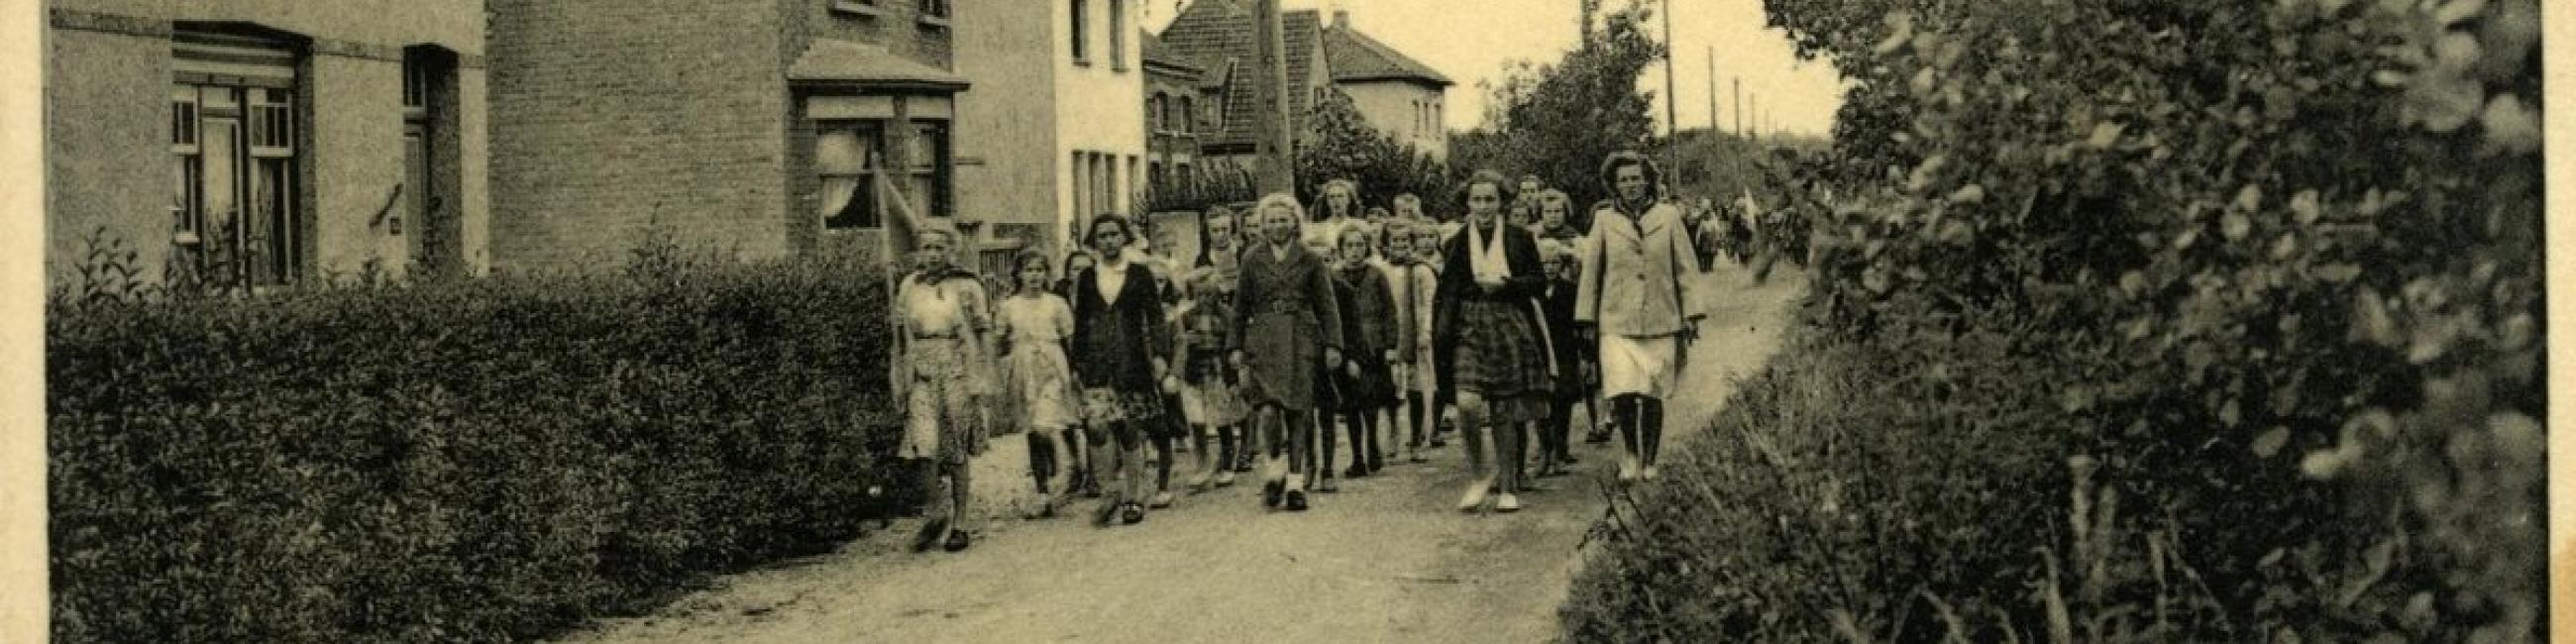 Bassevillestraat